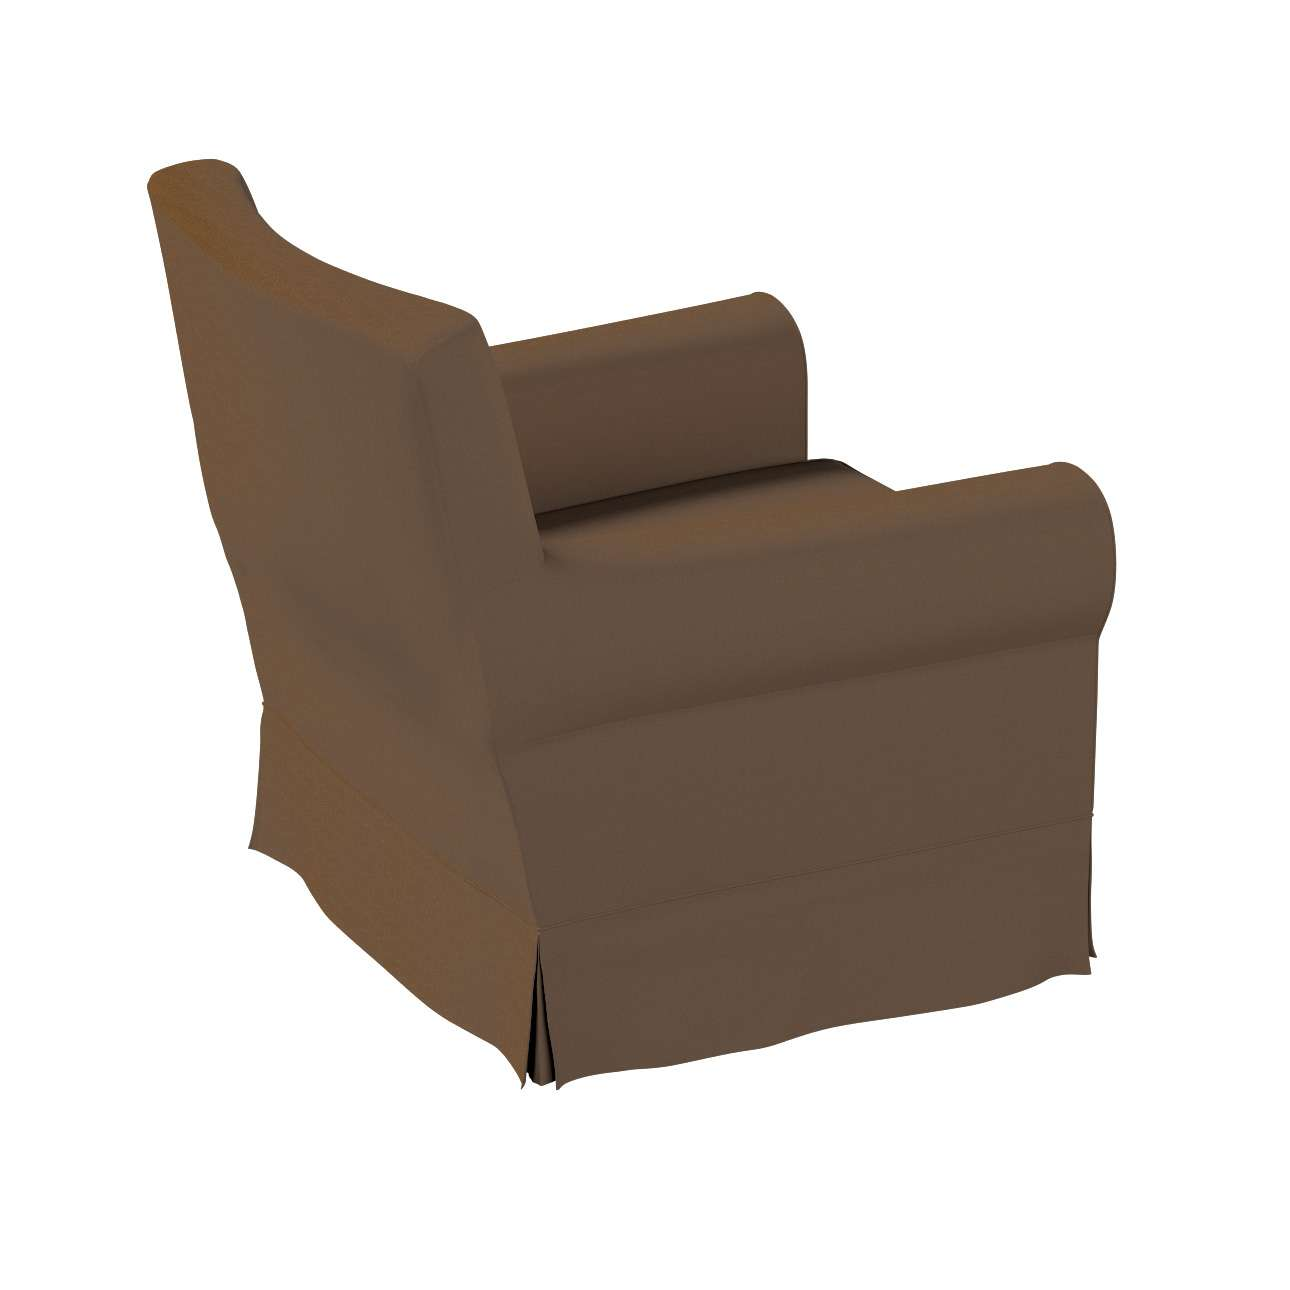 Pokrowiec na fotel Ektorp Jennylund w kolekcji Cotton Panama, tkanina: 702-02